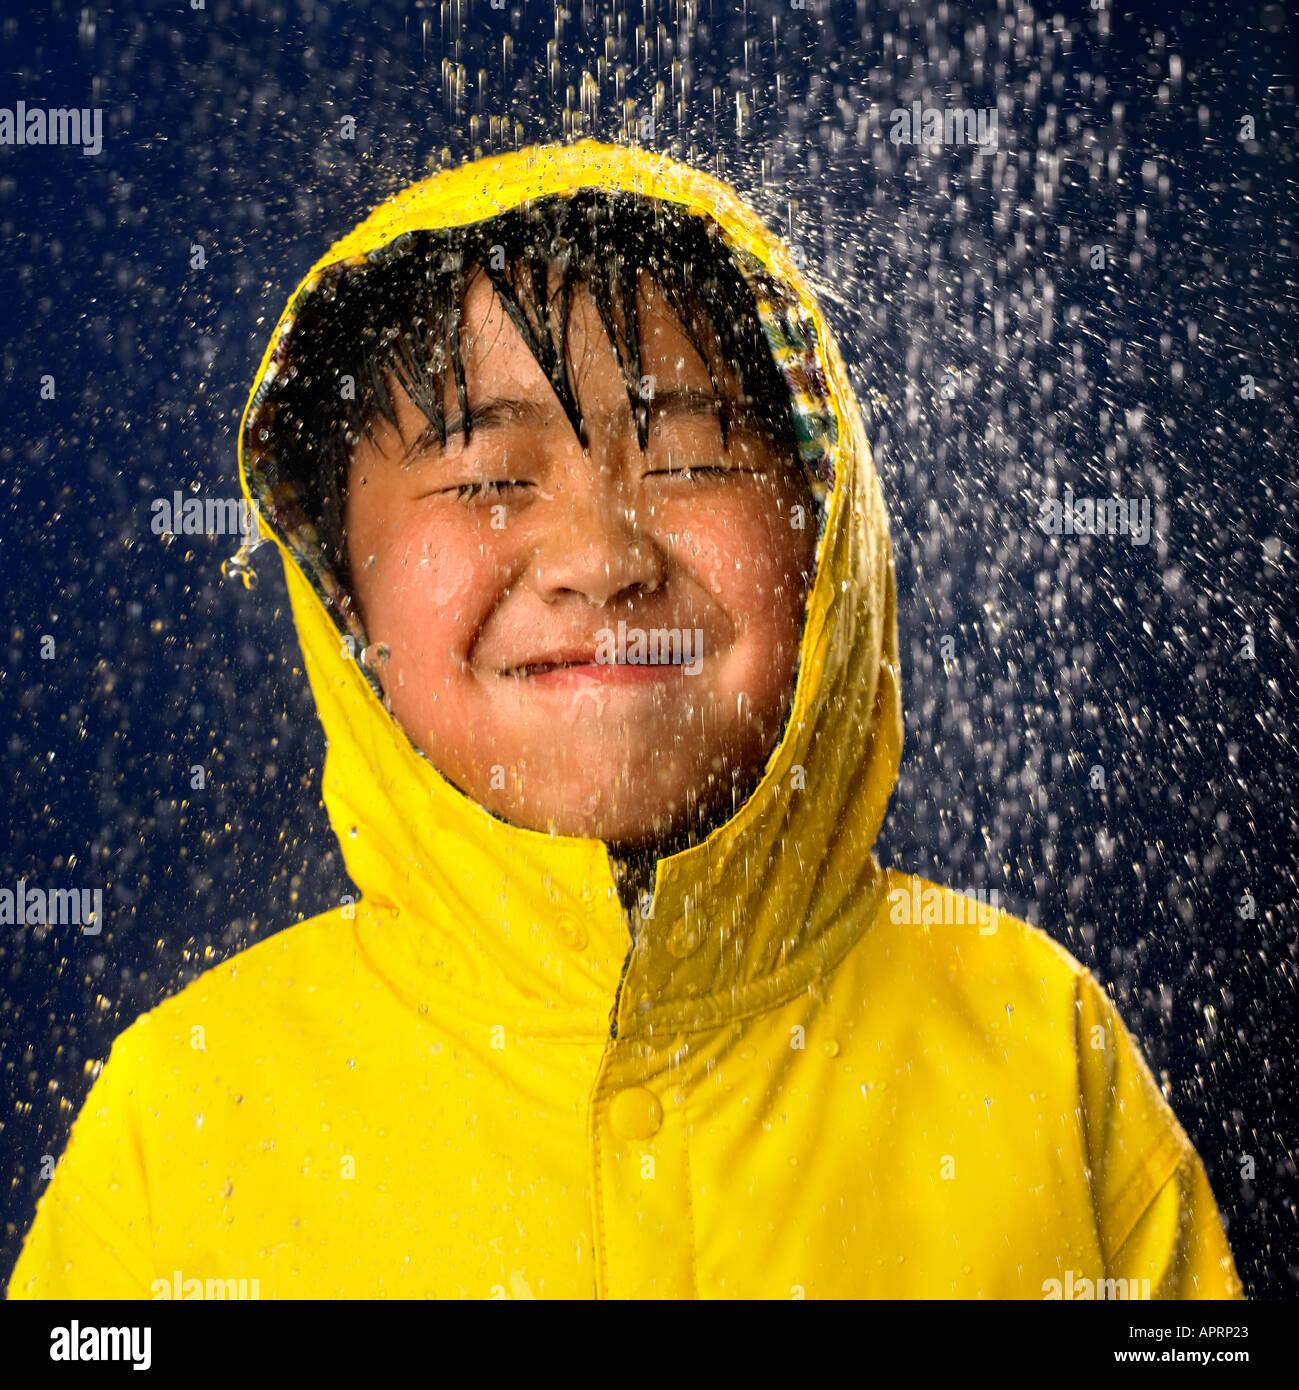 Joven ha divertido llegar empapado por la lluvia. Imagen De Stock